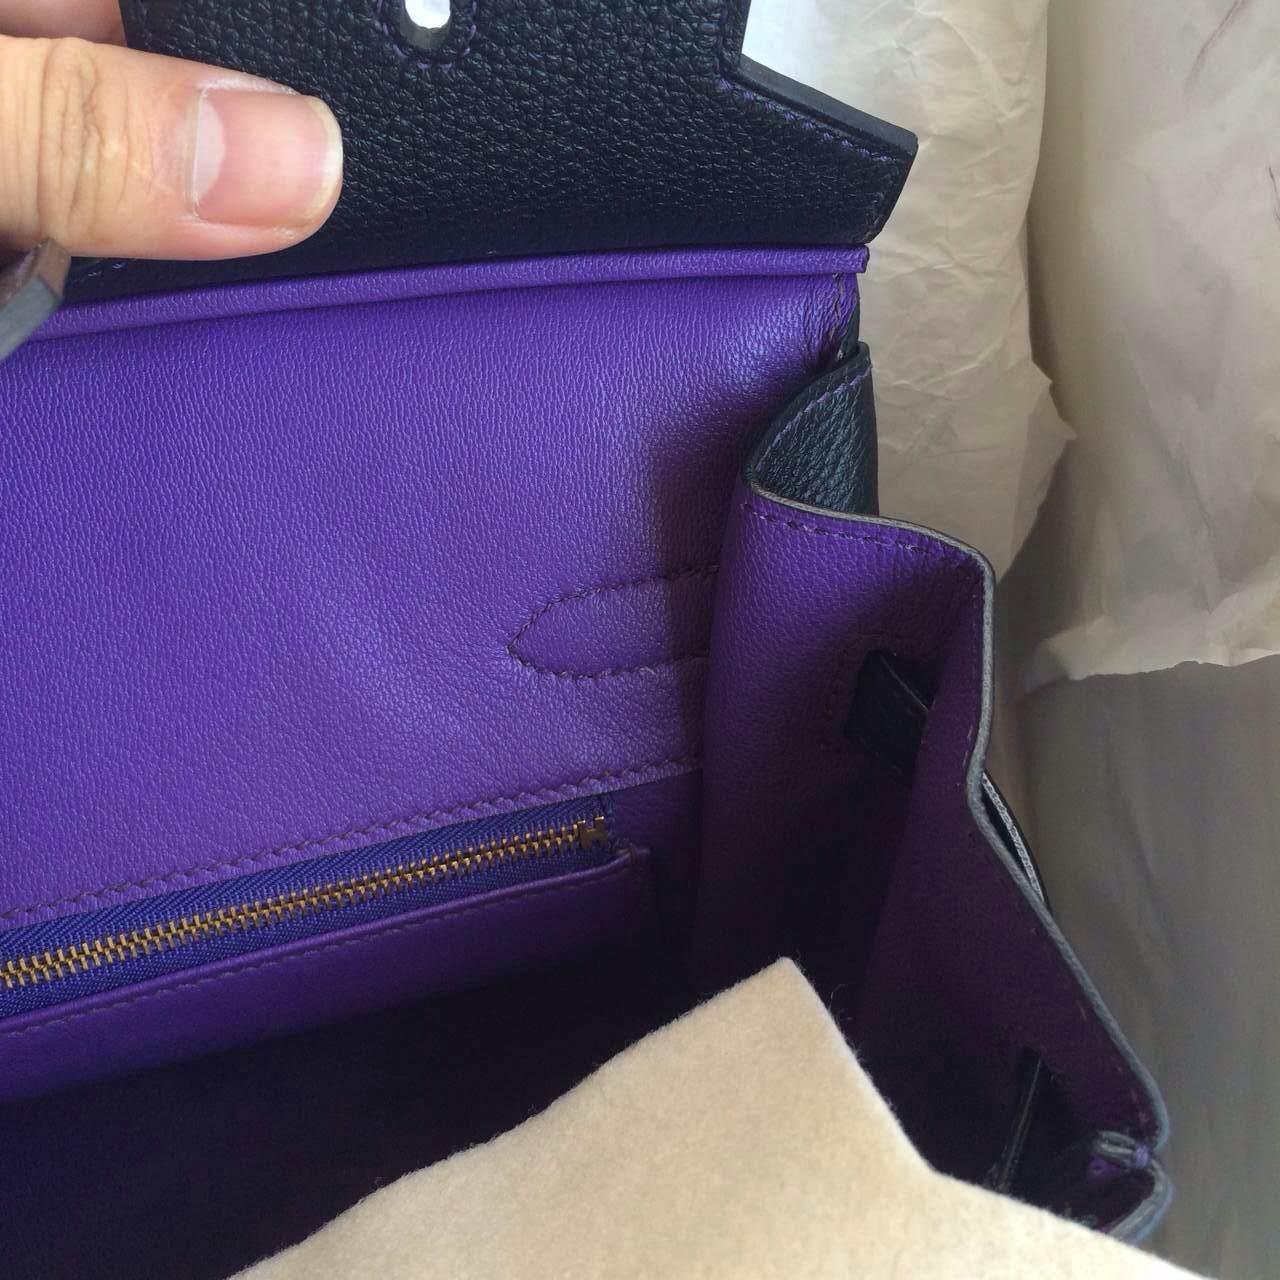 Black/Ultraviolet inner France Togo Leather Hermes Birkin Bag30cm Gold Hardware